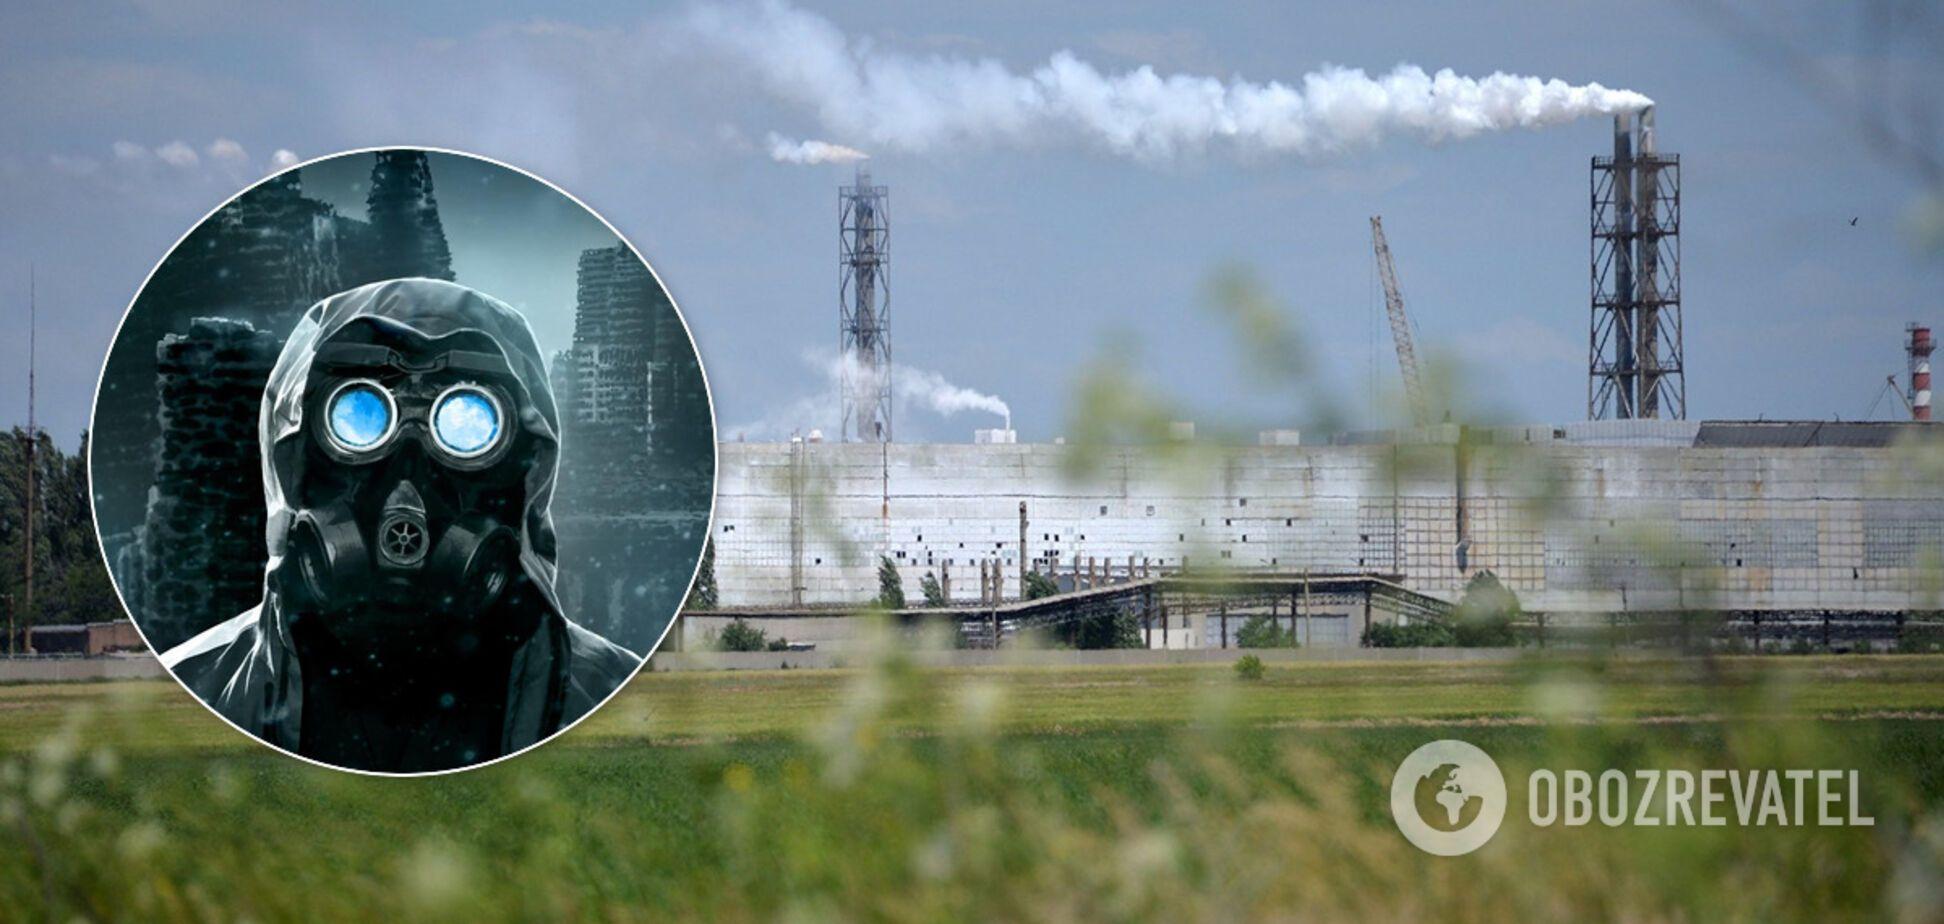 Экокатастрофа в Армянске может повториться: Куницын предупредил об опасности в Крыму